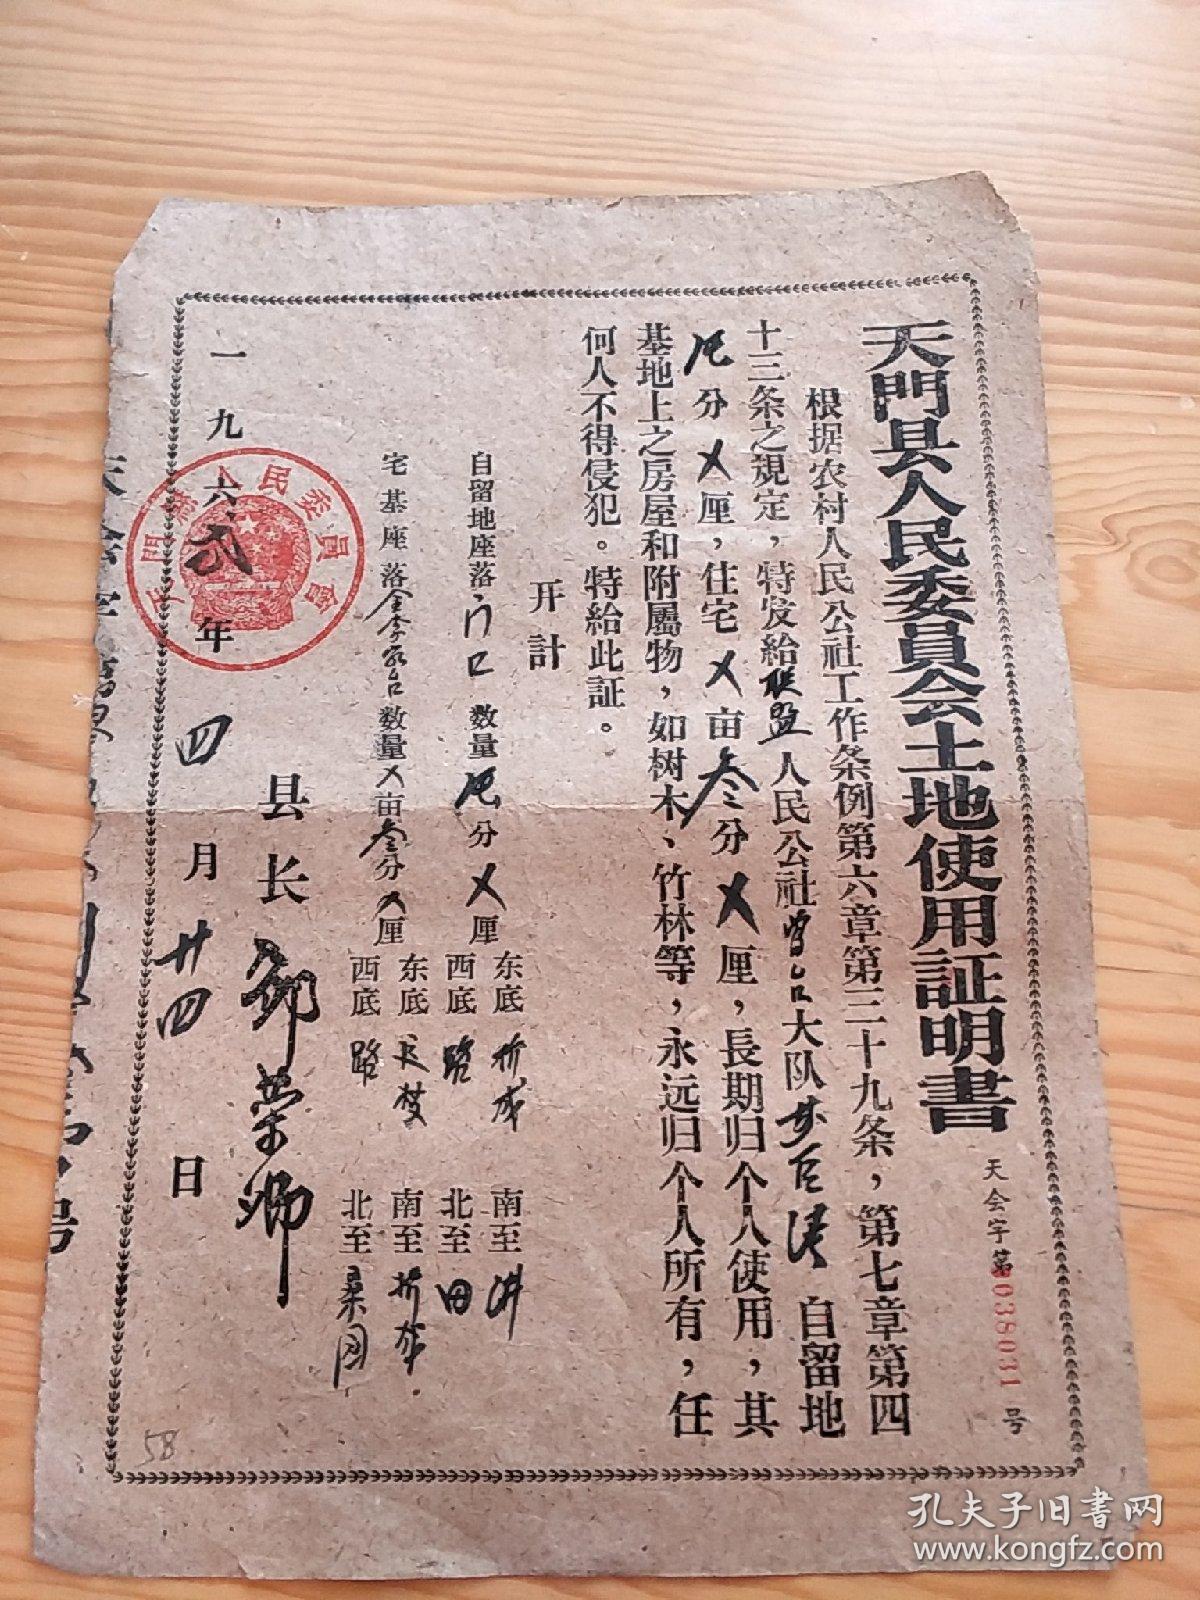 天门县人民委员会土地使用证明书